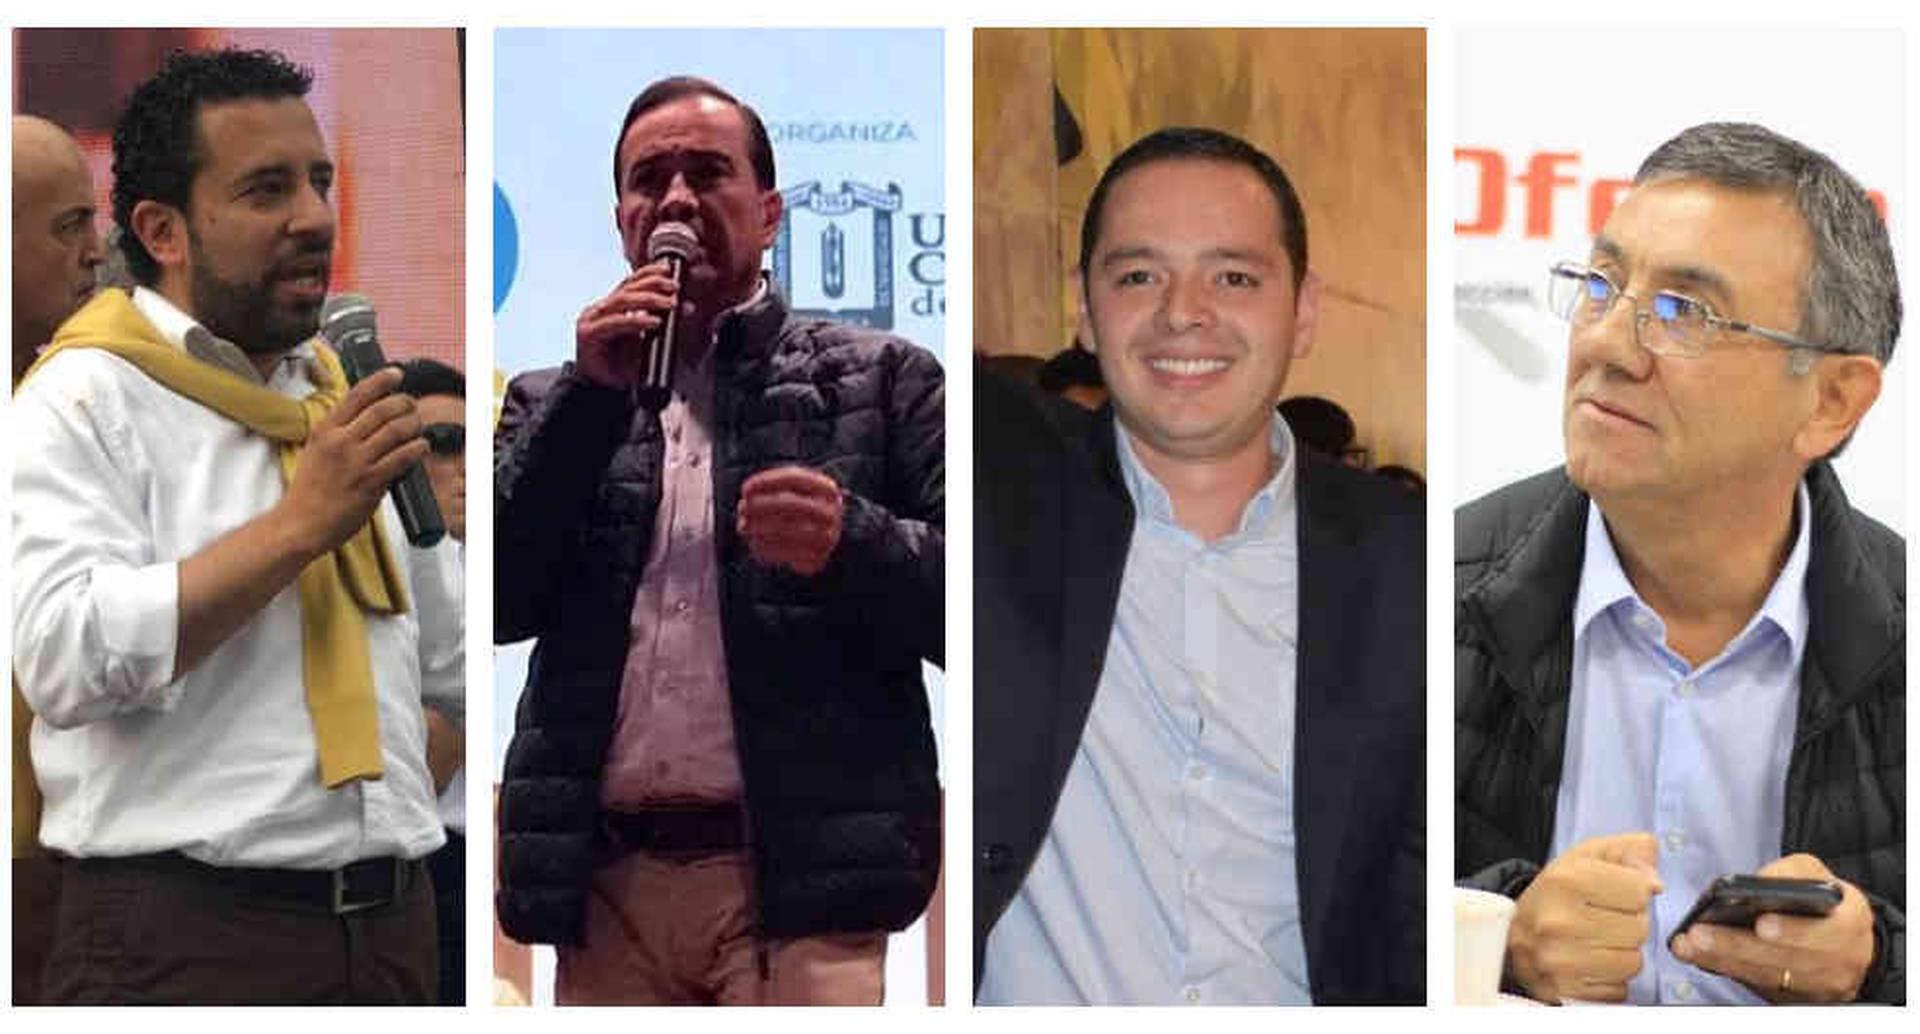 Estos son los cuatro candidatos a la Alcaldía de Manizales.